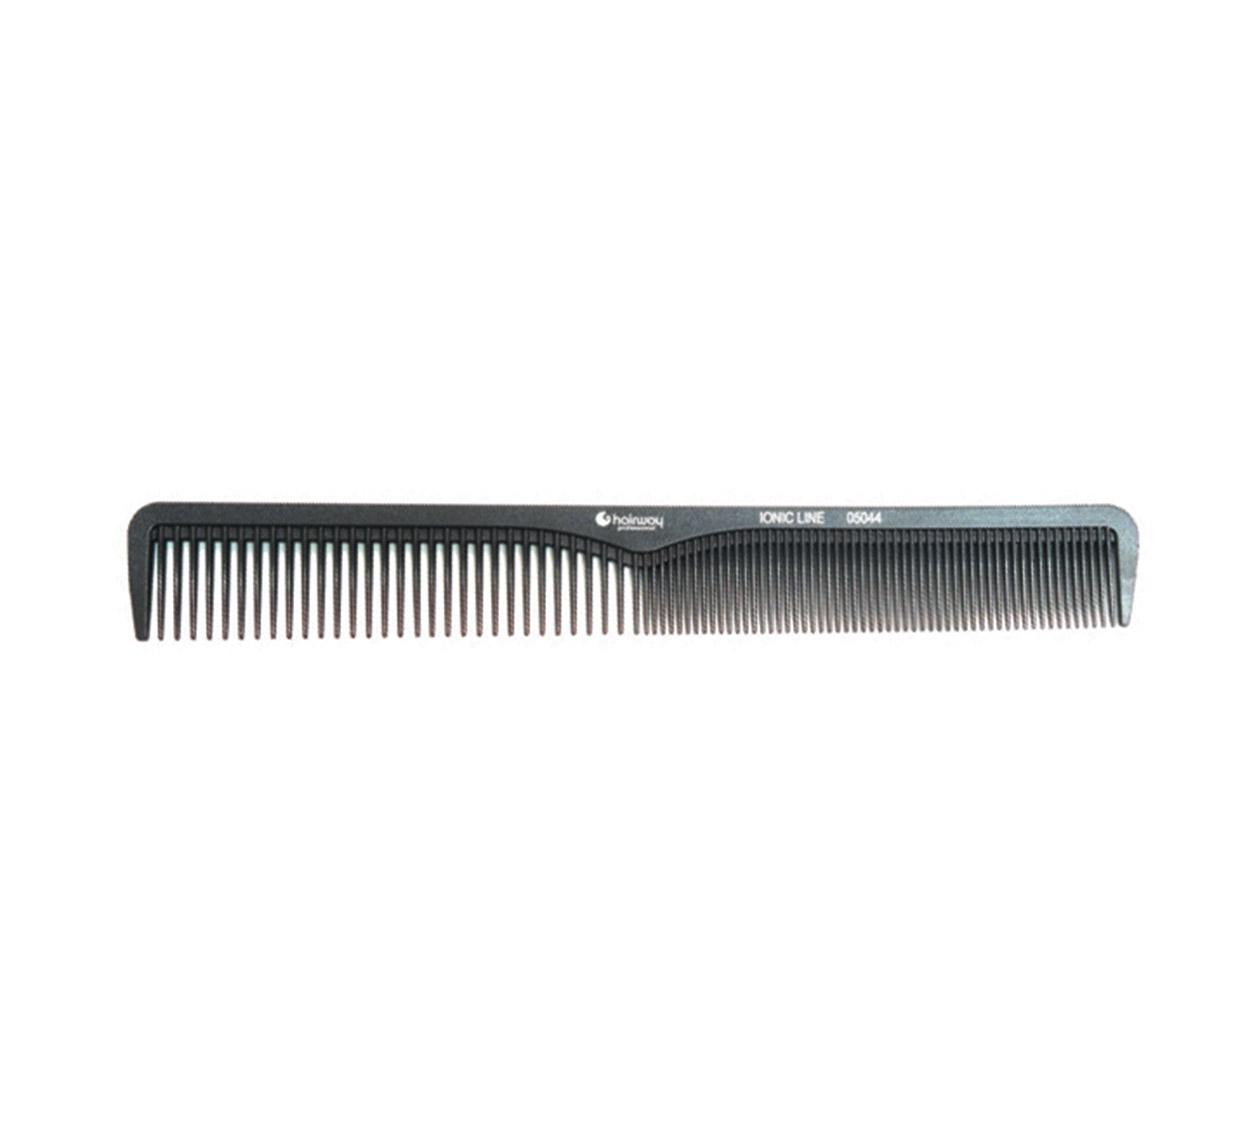 HAIRWAY Расческа Hairway Ionic Line комбинированная 184мм